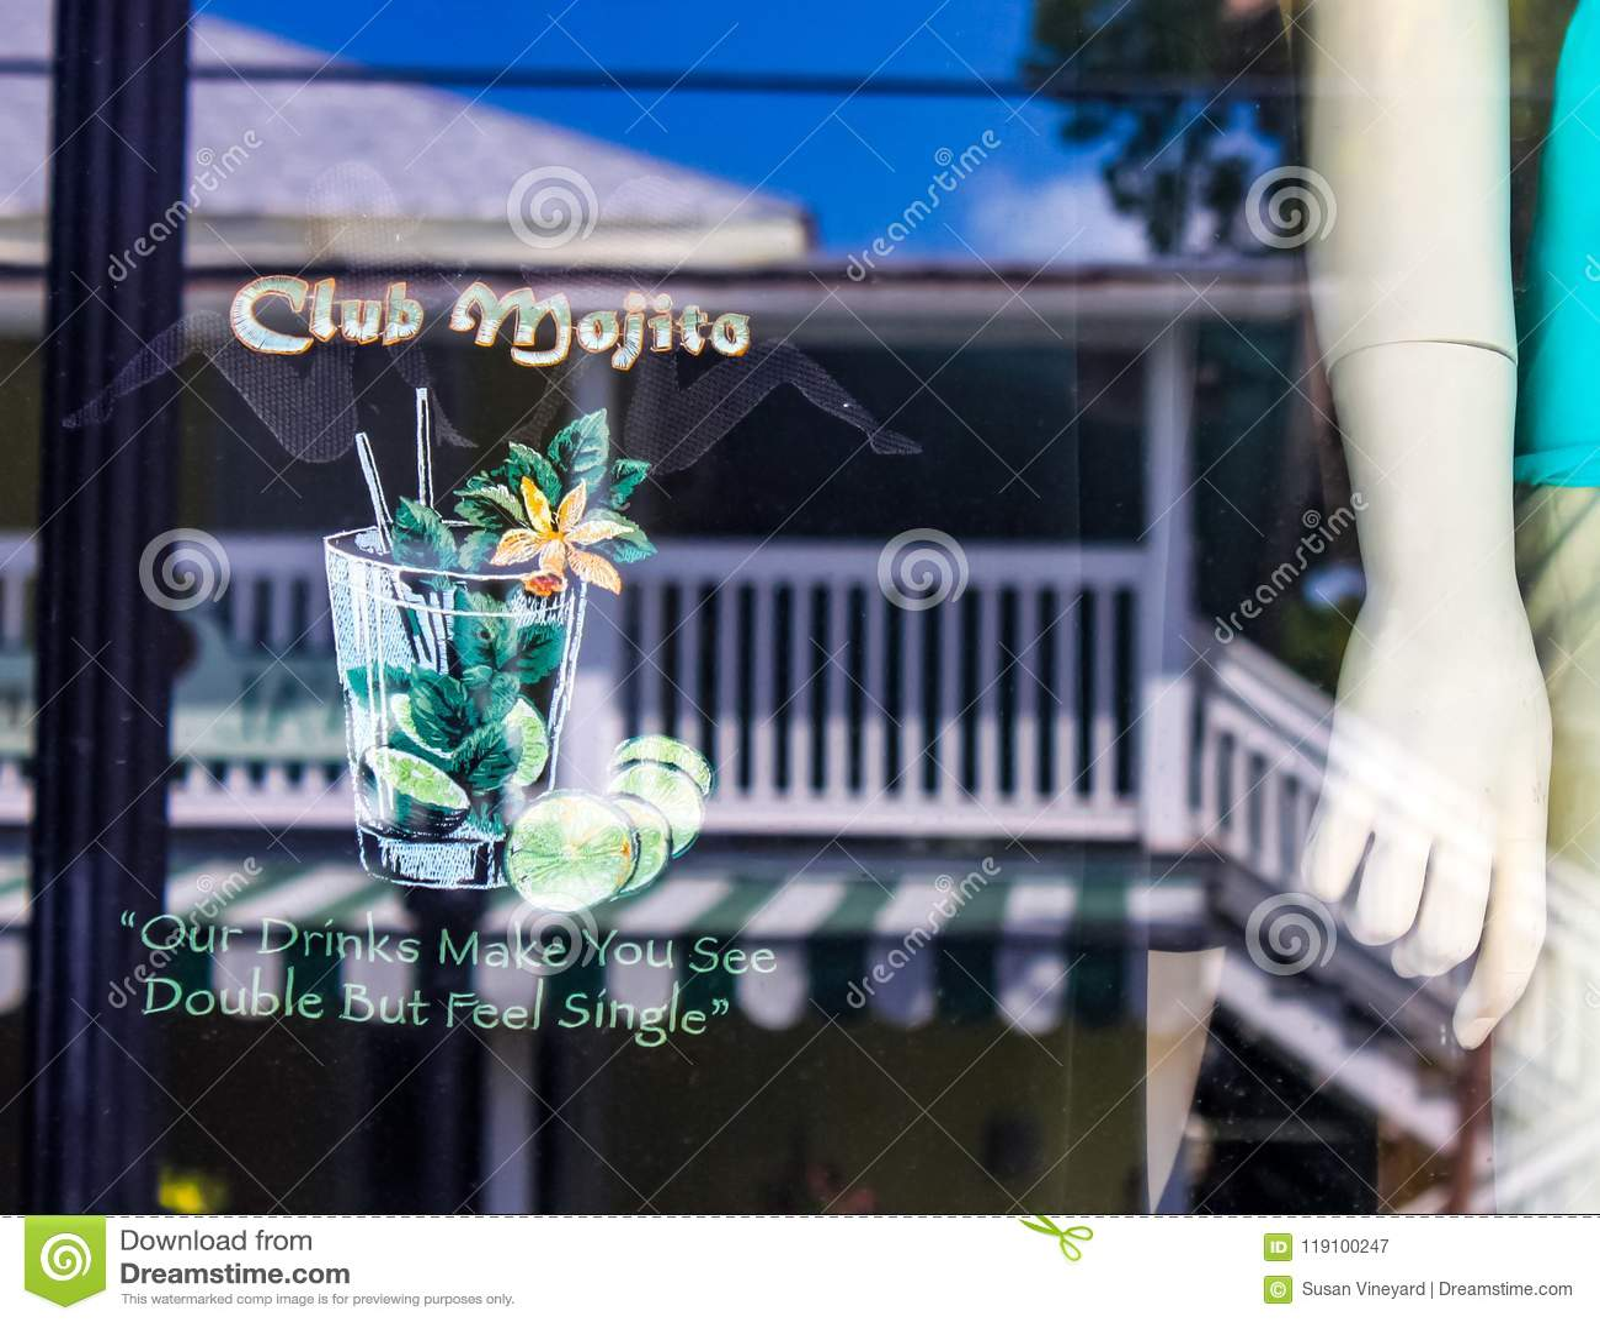 Η επίδειξη και η αντανάκλαση στο παράθυρο φραγμών οδών Duval με το μανεκέν και το ρητό των ποτών μας σας κάνουν να δείτε το διπλά